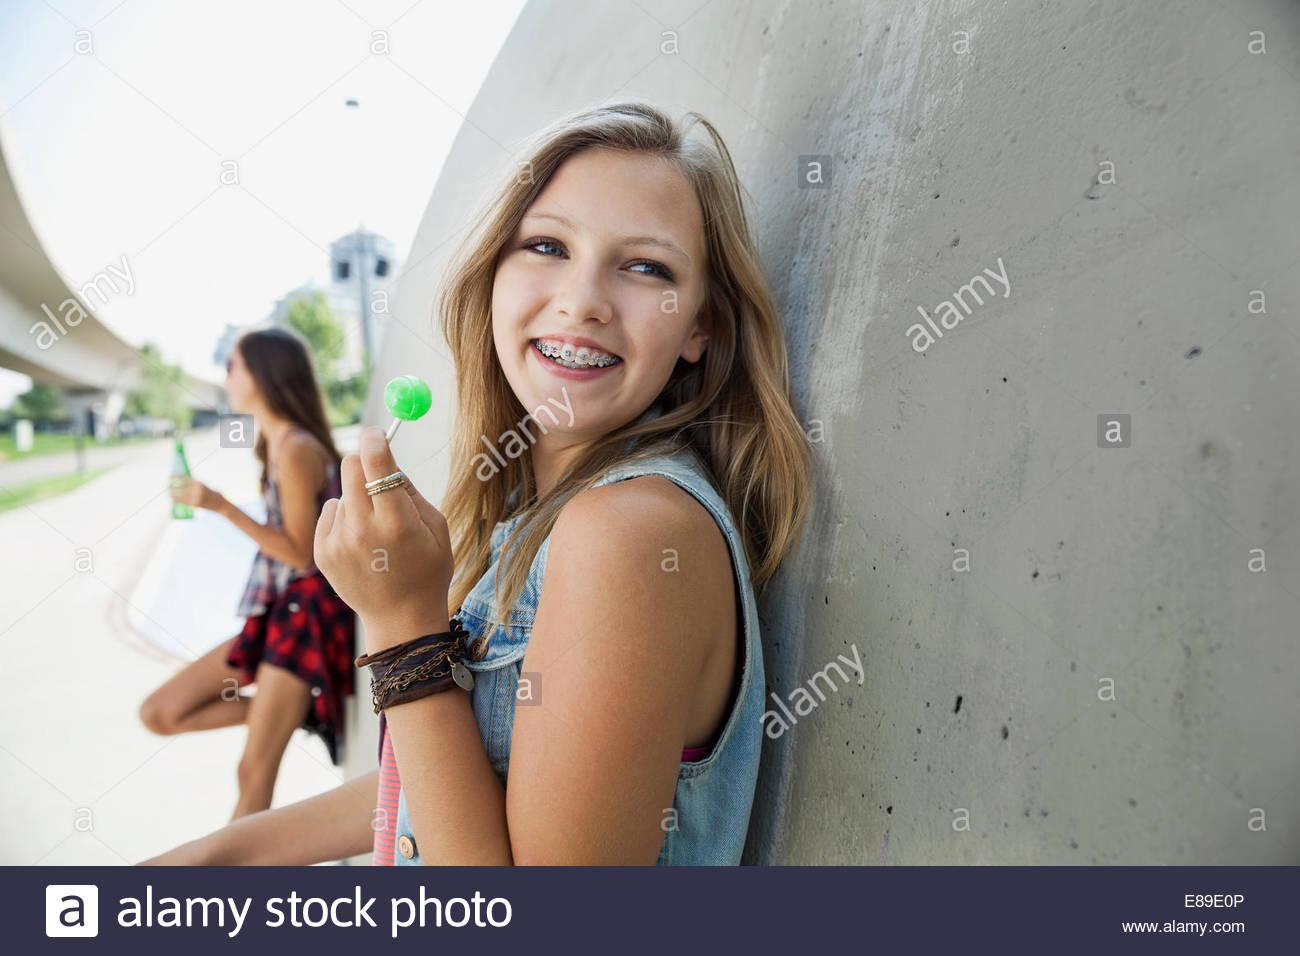 Smiling teenage girl with braces enjoying lollipop - Stock Image